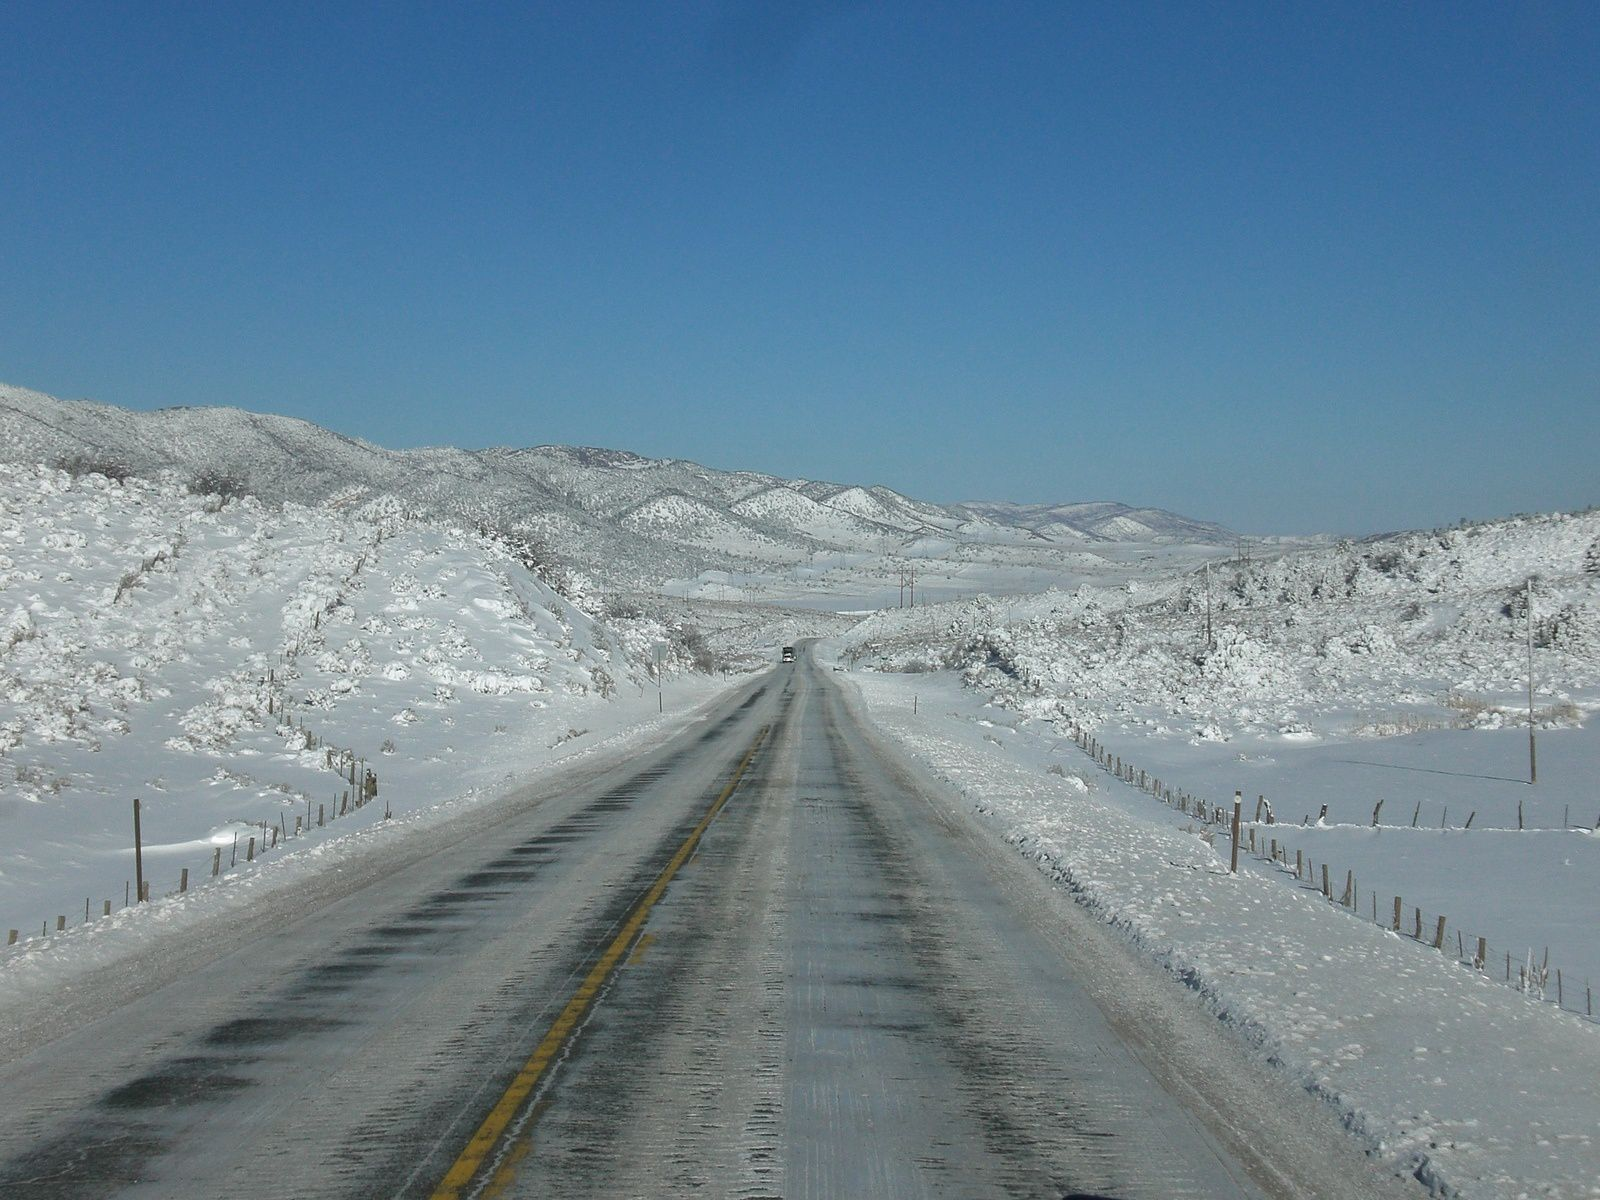 Je repars pour ma deuxieme livraison en prenant une petite route plein nord, mais pas de chaine aujourd'hui. Blanc, glacé mais on roule bien.